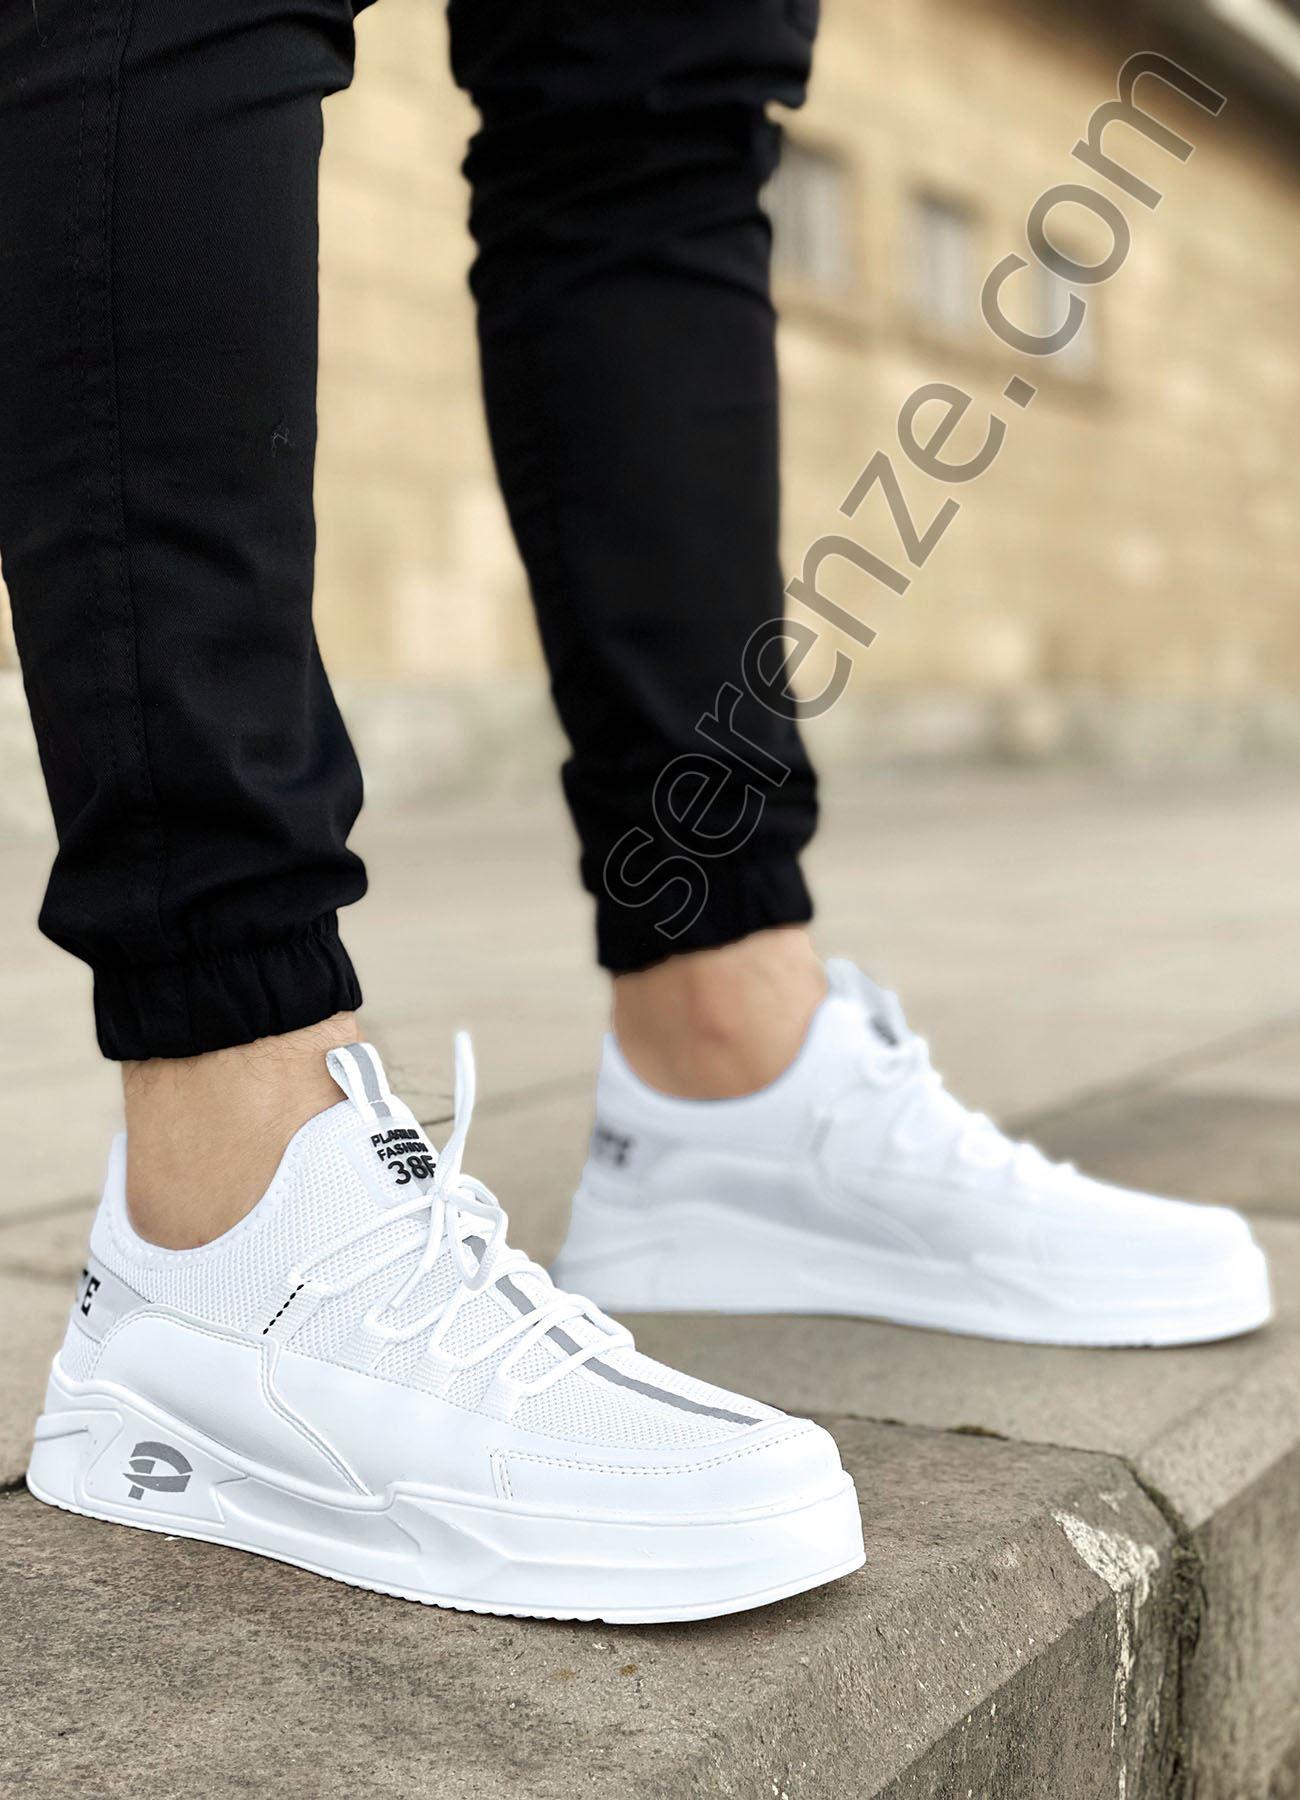 Beyaz Çizgi Detay Erkek Spor Ayakkabı